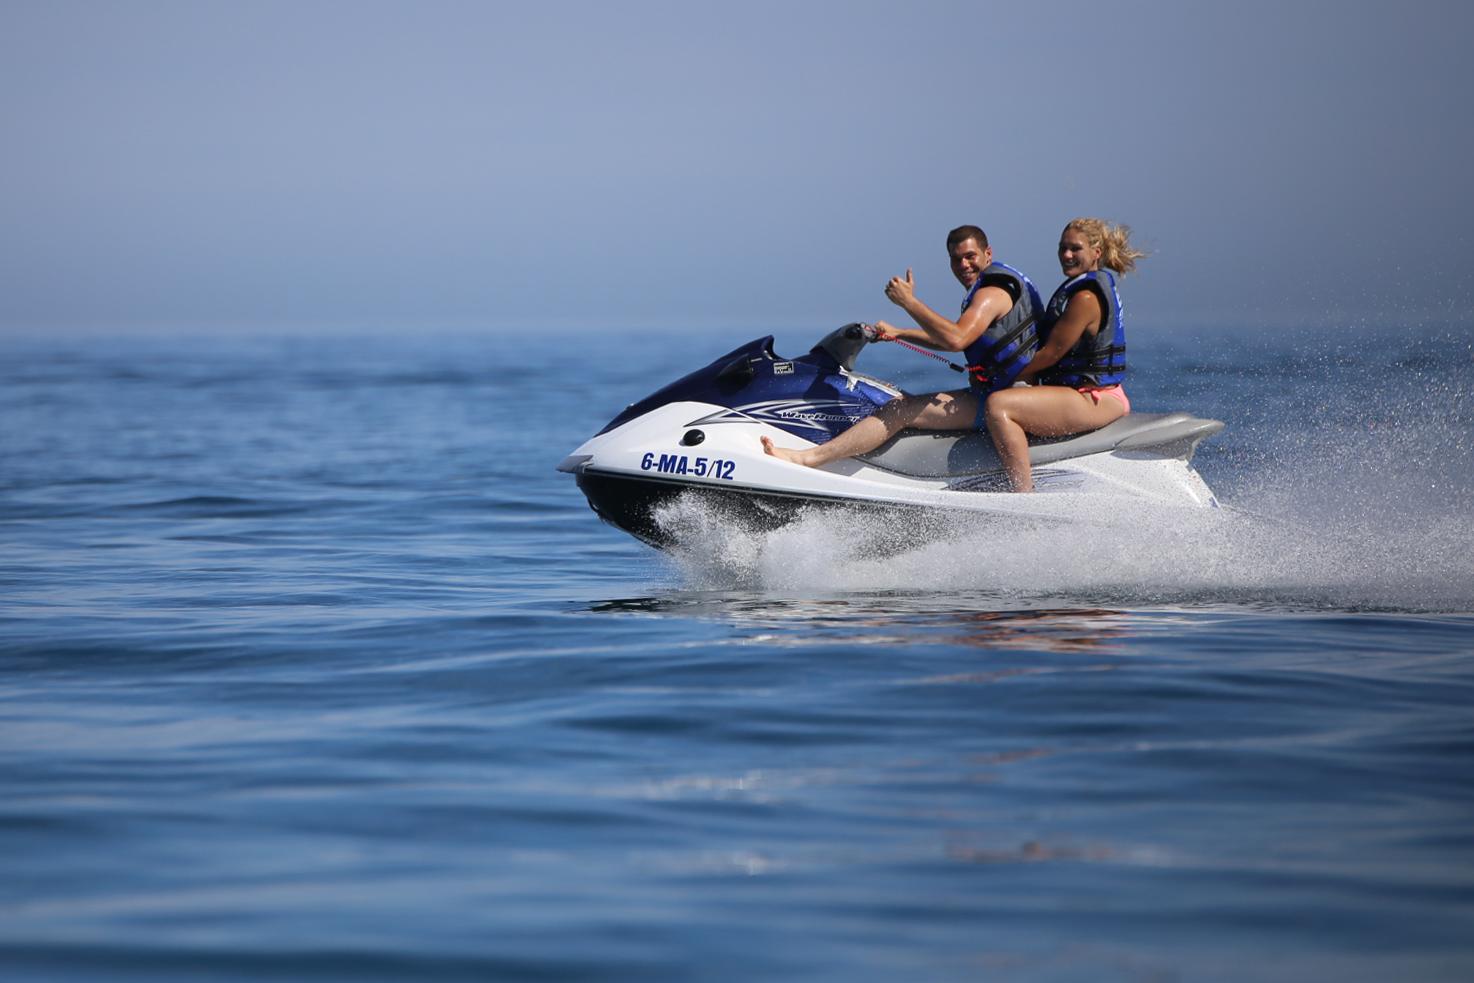 Alquilar motos de agua y excursiones